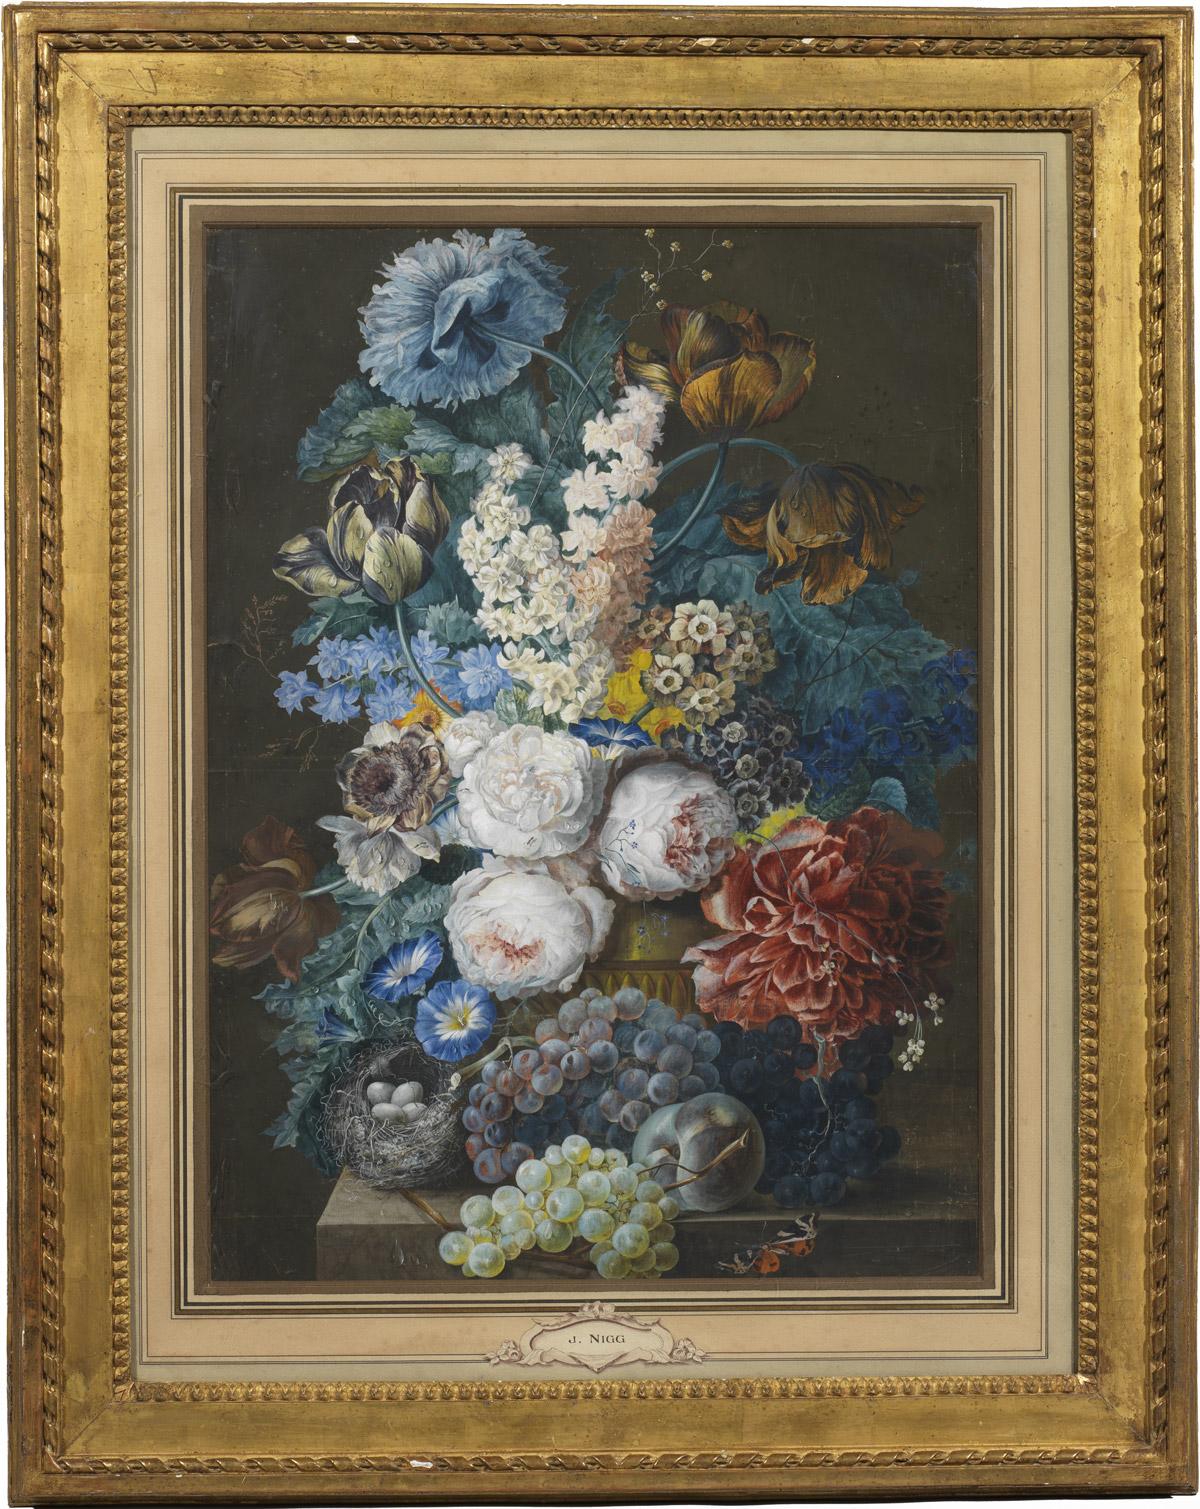 Paire de grandes gouaches par Joseph Nigg - Patrimoine Charles-André COLONNA WALEWSKI, en ligne directe de Napoléon